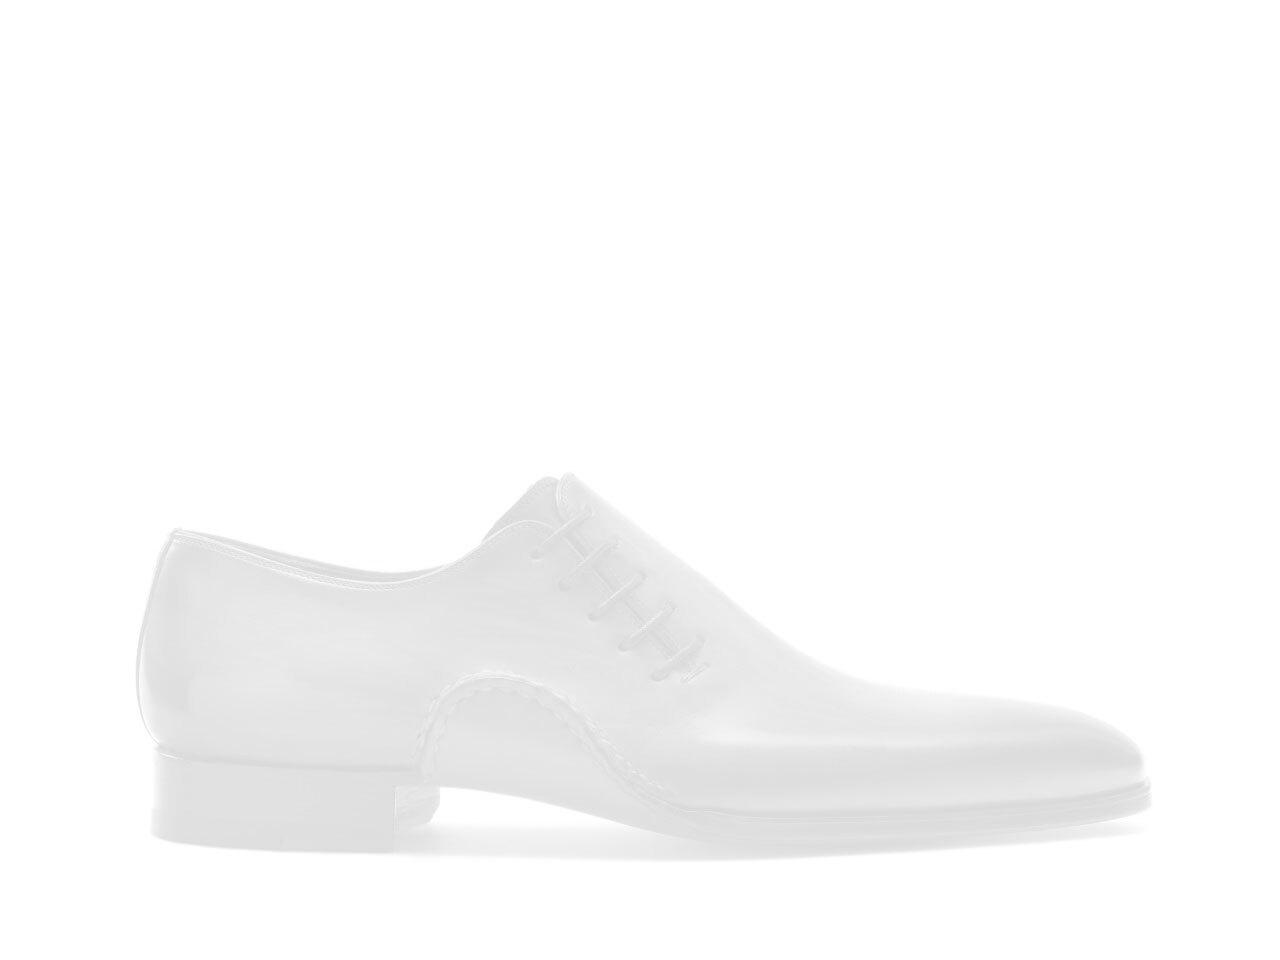 Cognac brown brogue single monk strap shoes for men - Magnanni